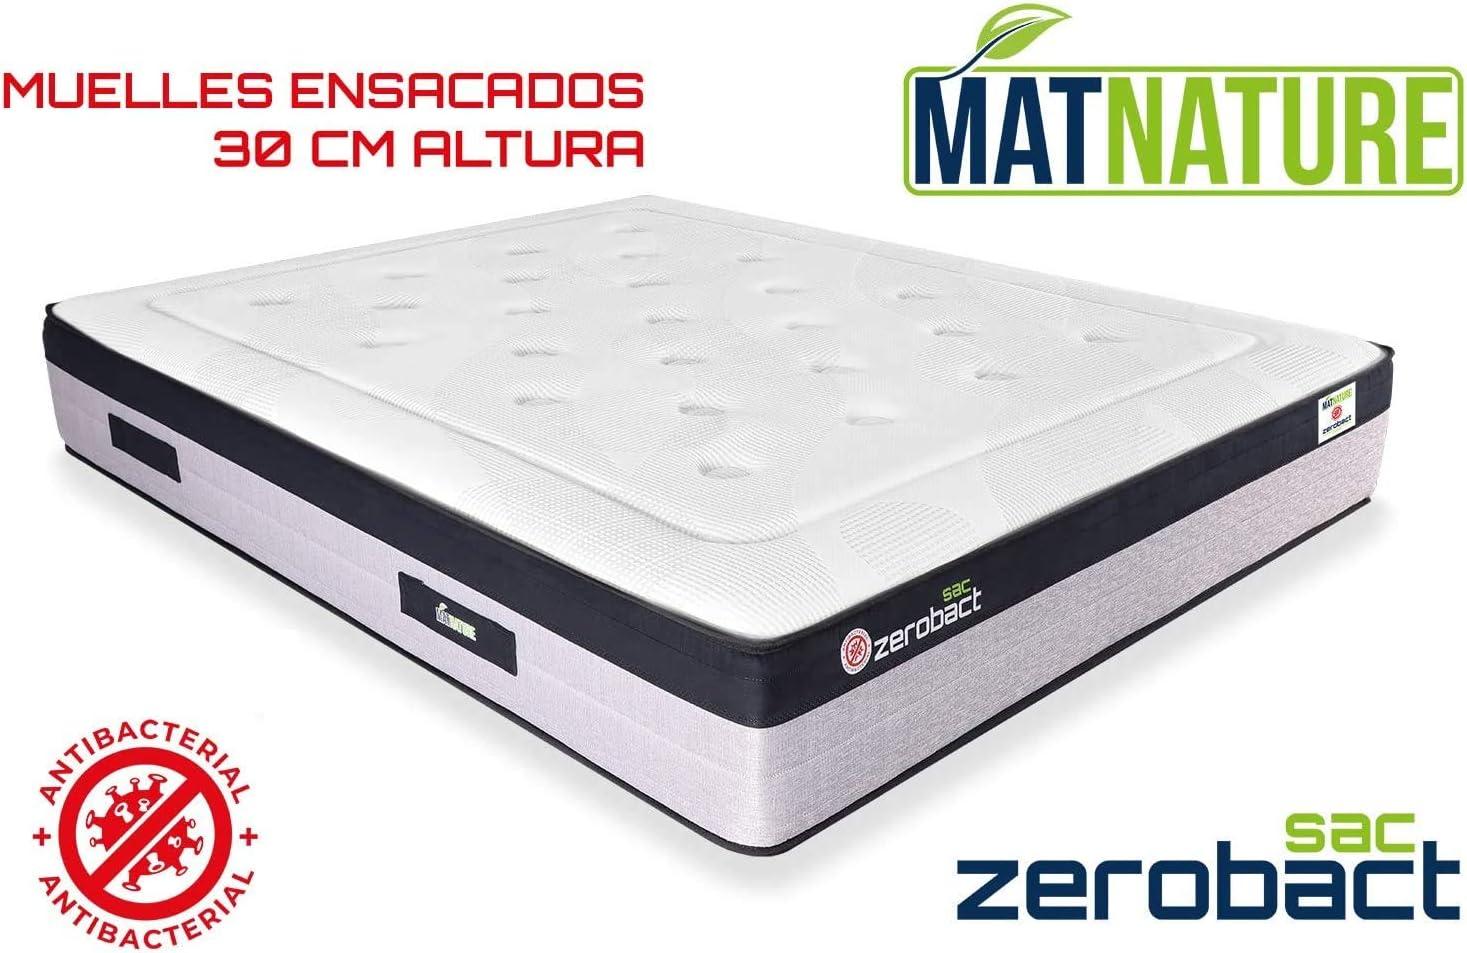 Matnature | Colchón Antibacterial Modelo Zerobact Sac | Altura 30 cm | Colchón Viscoelástico | Colchón Muelle Ensacado | Gran Confort | Todas Las ...